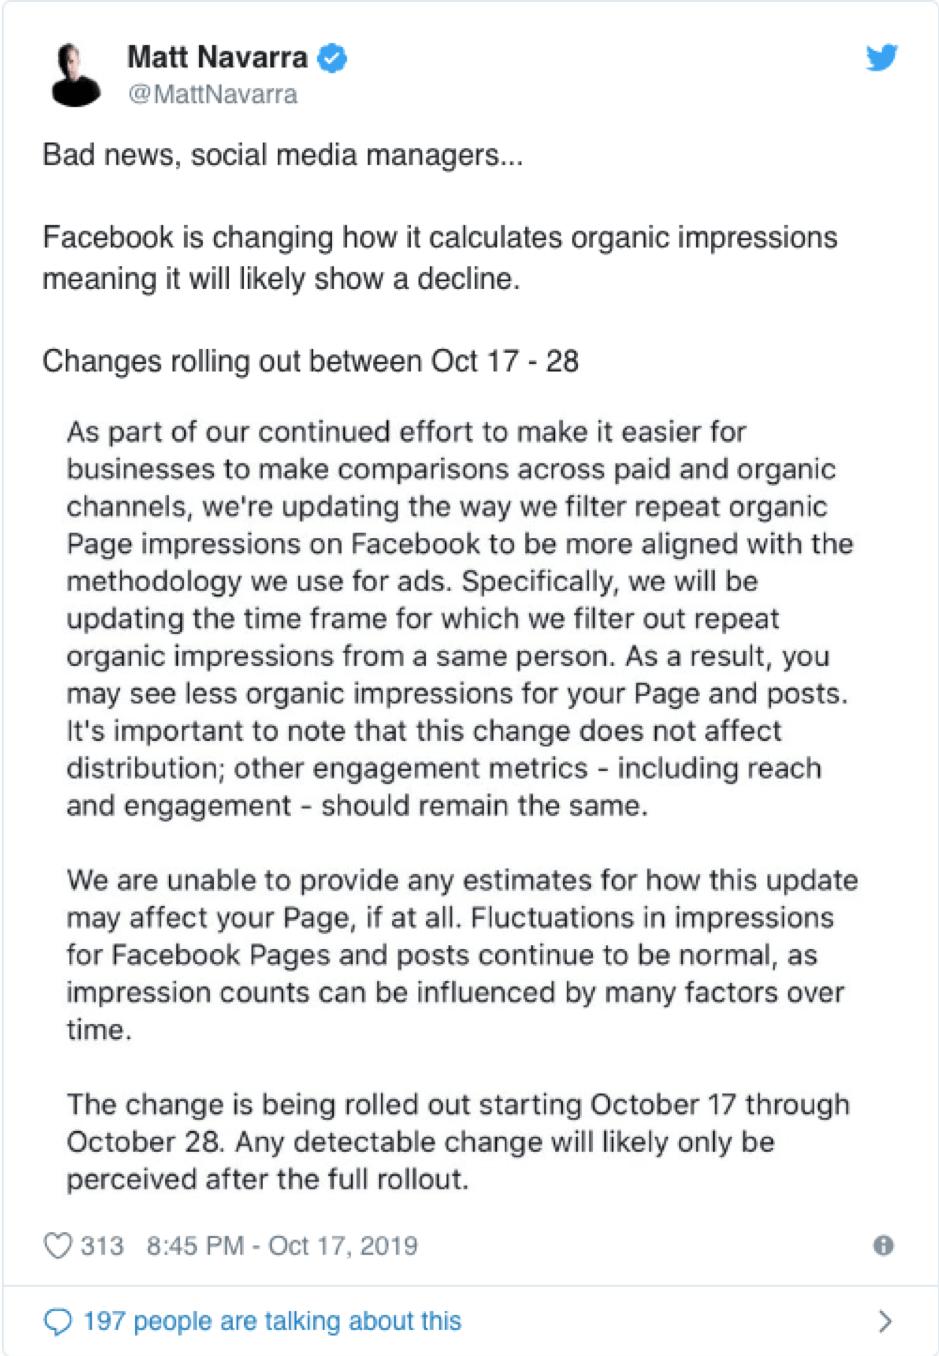 Modifiche alla copertura organica di Facebook